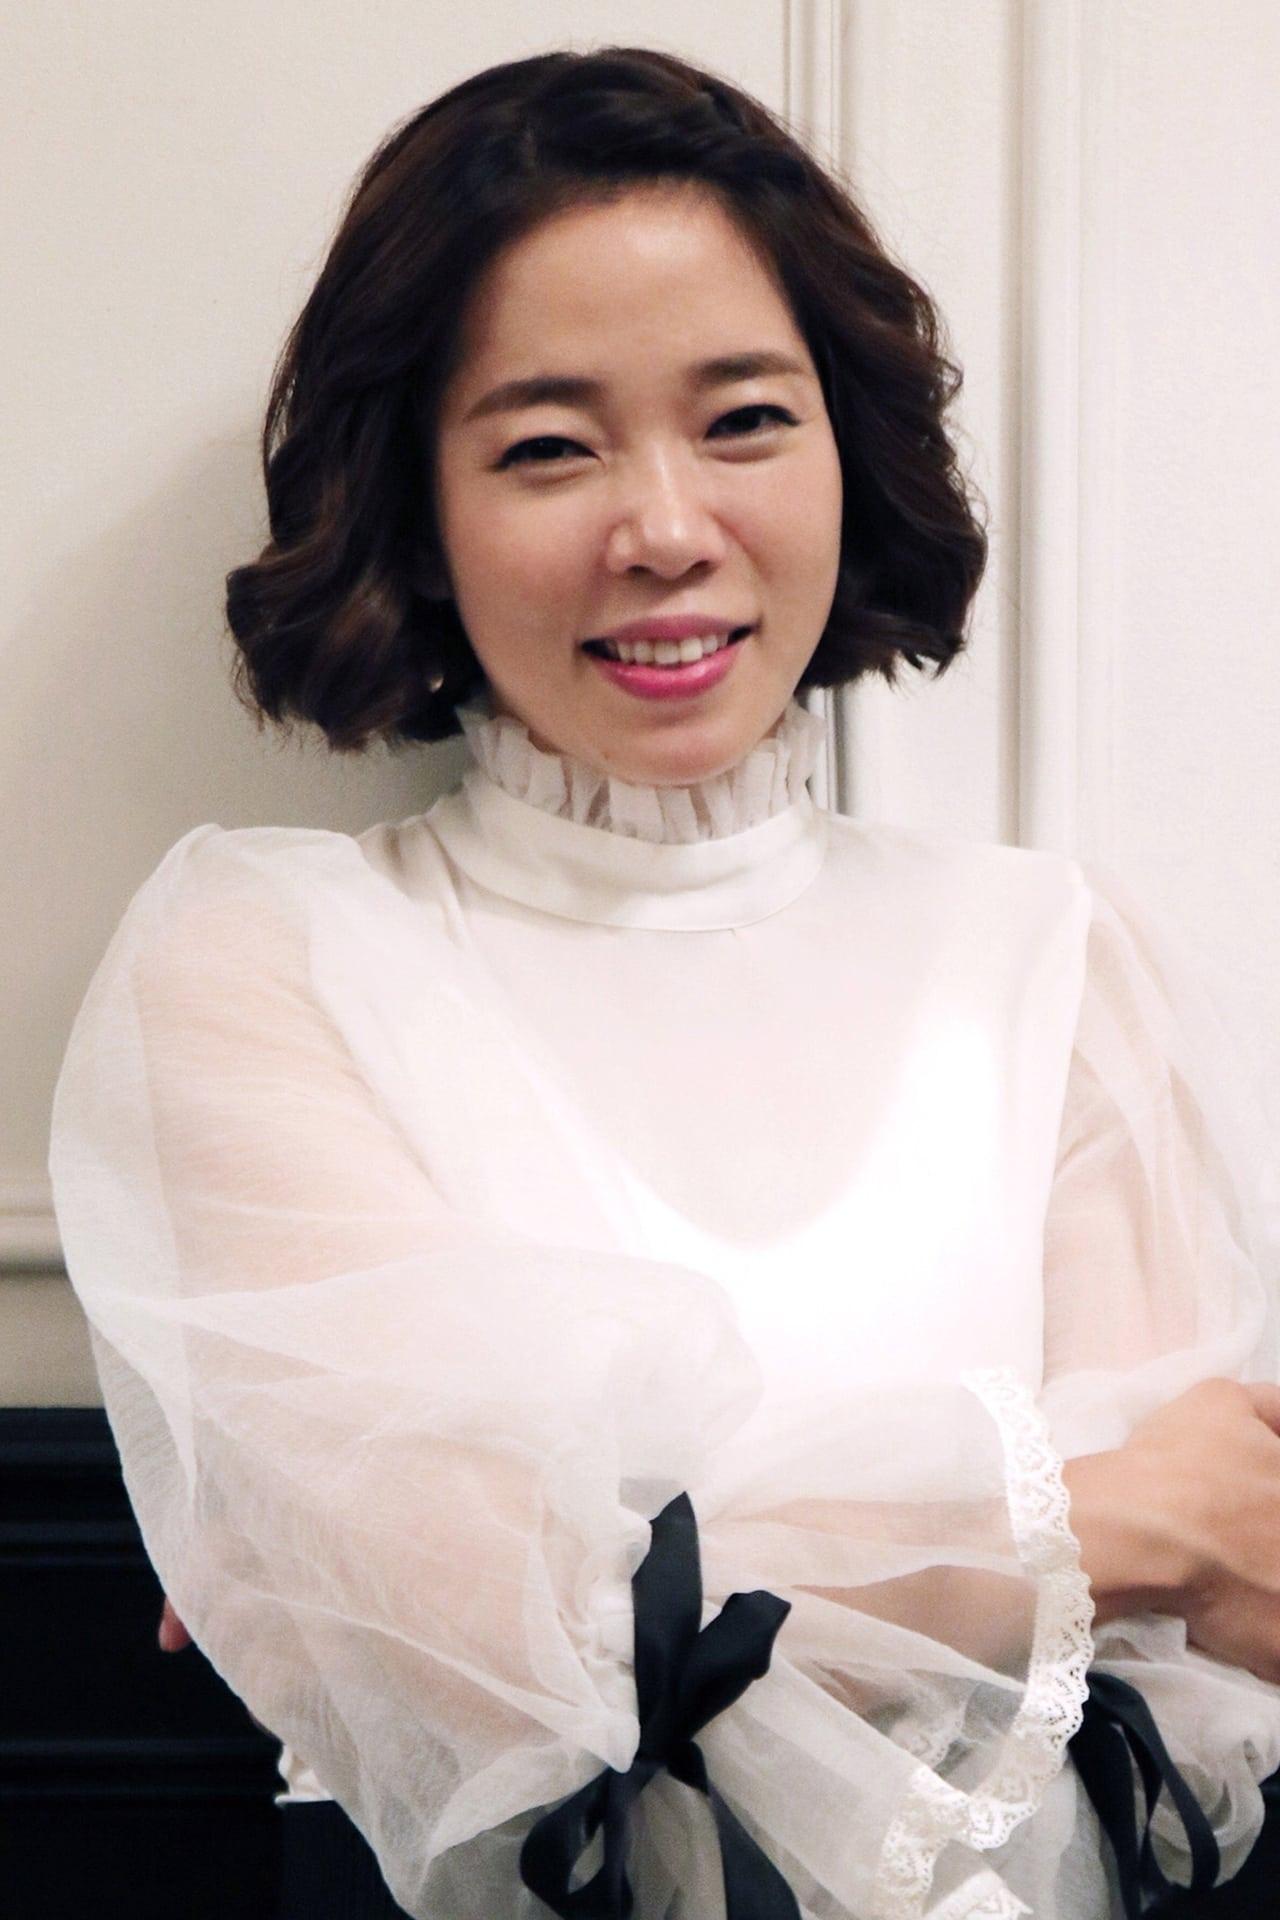 Jung Yi-rang